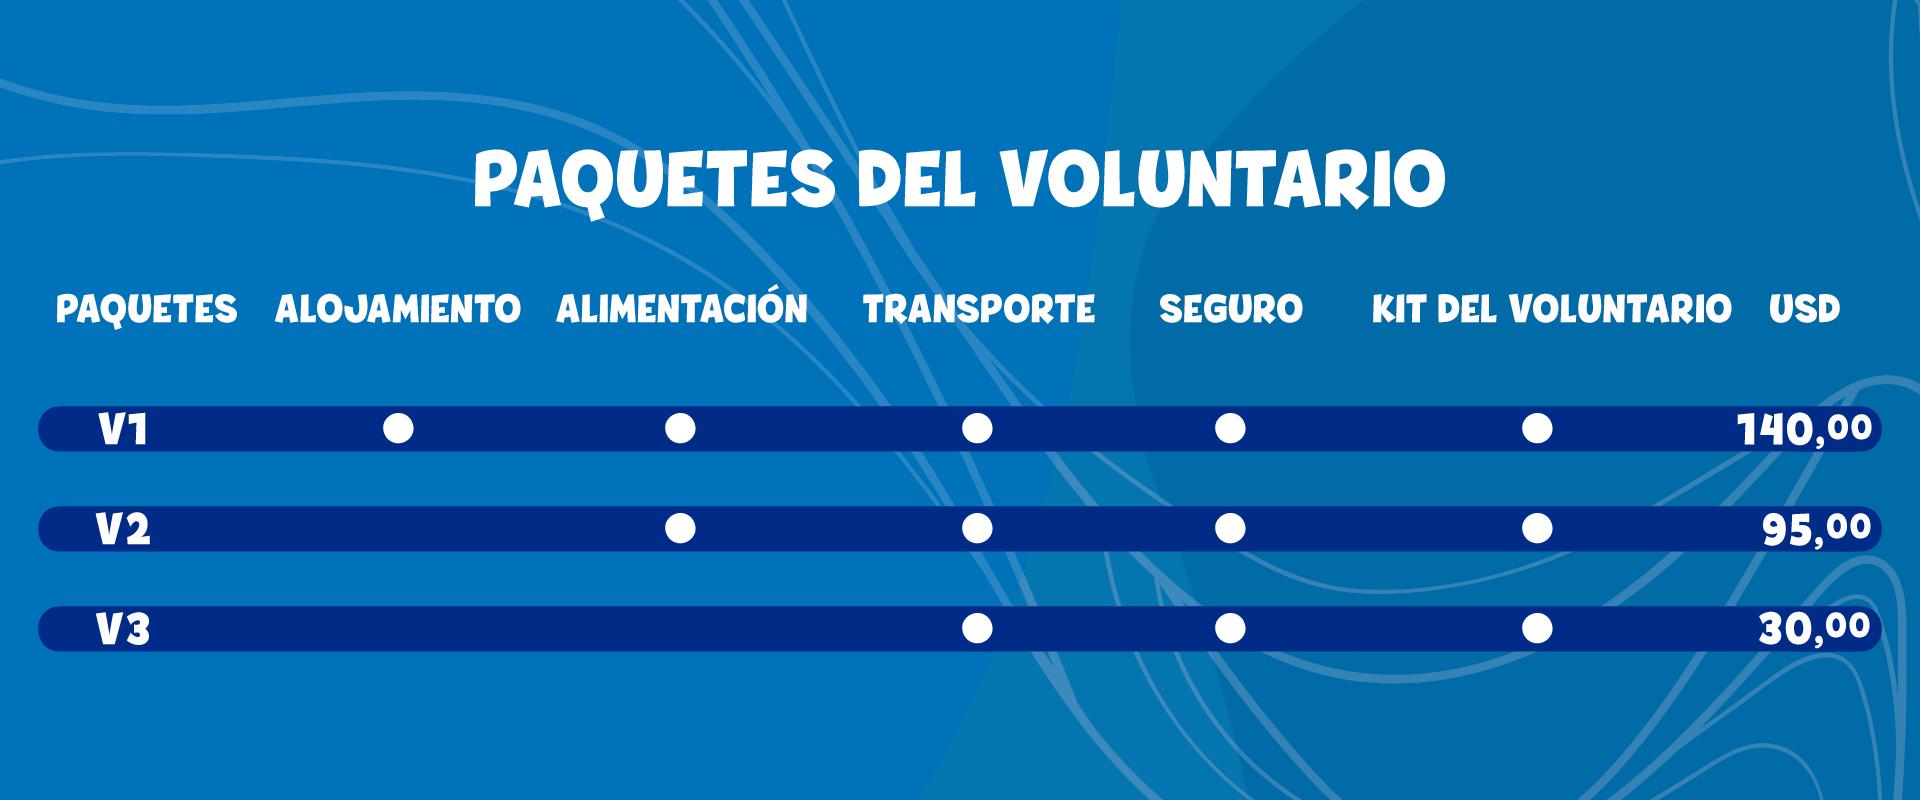 PAQUETES-DEL-VOLUNTARIO-ES-1